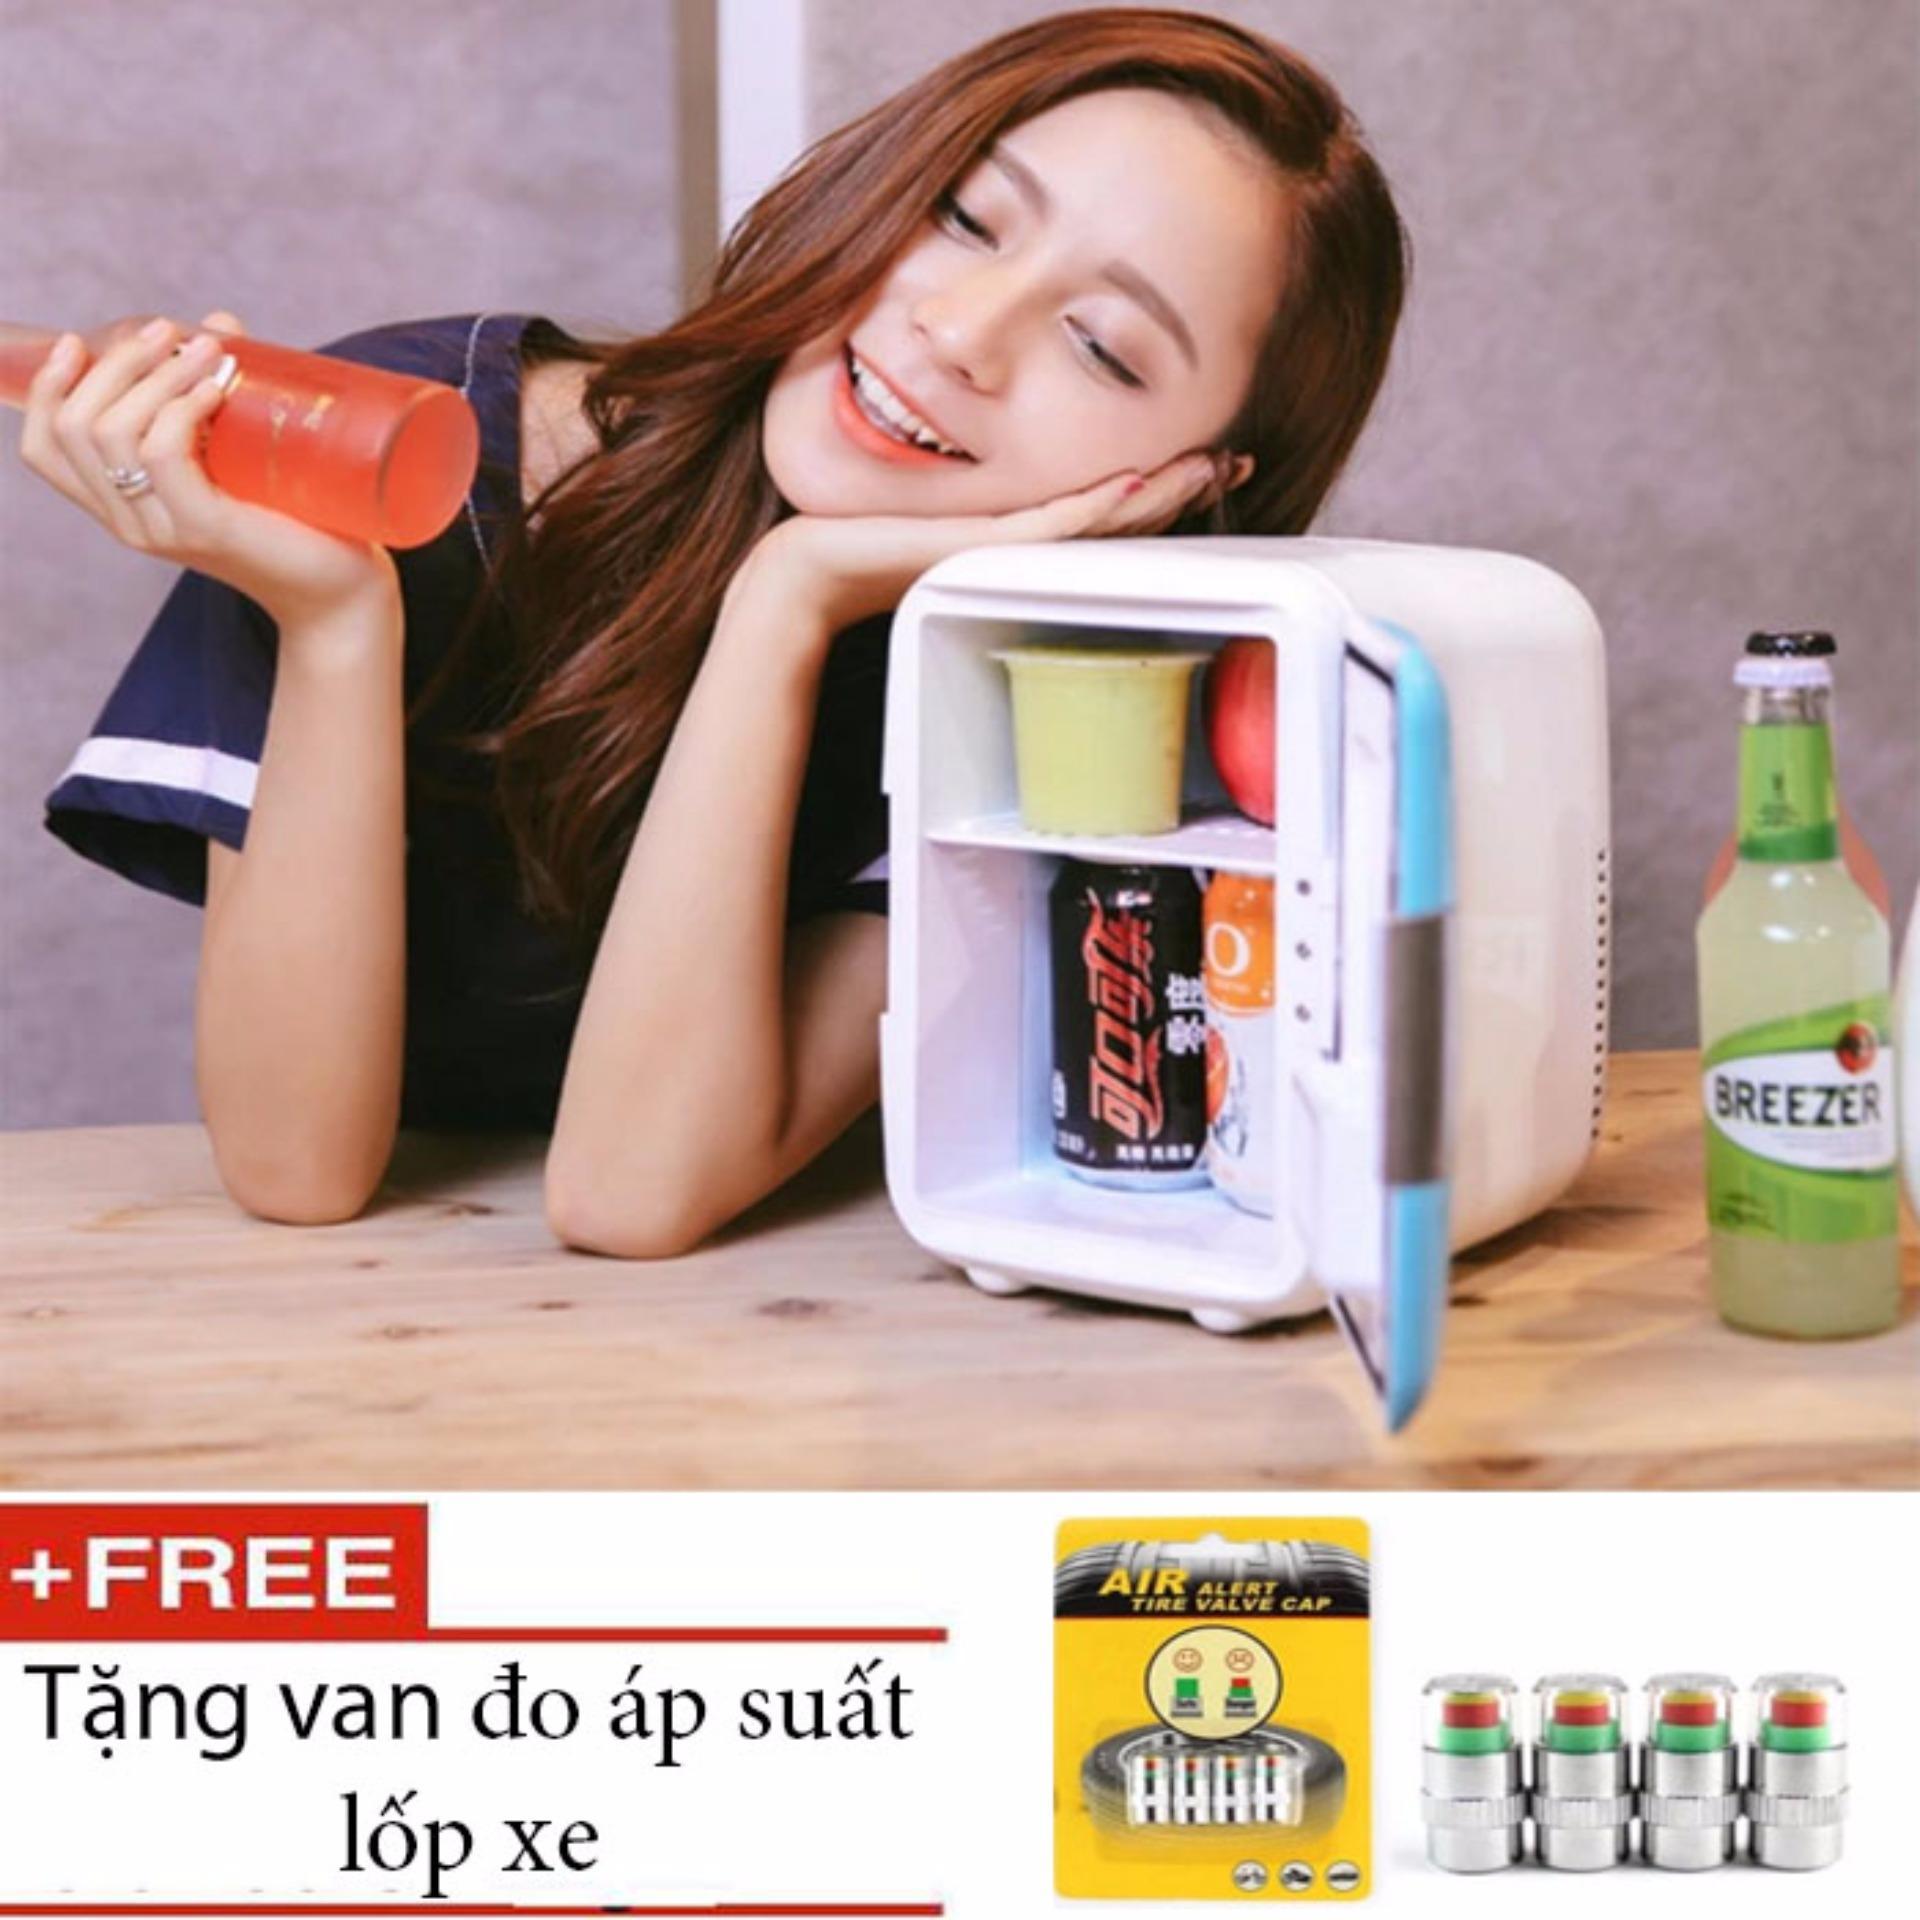 Mua Tủ Lạnh Mini Cao Cấp Cho O To 2018 Tặng Kem Van Đo Ap Suất Lốp Xe Mới